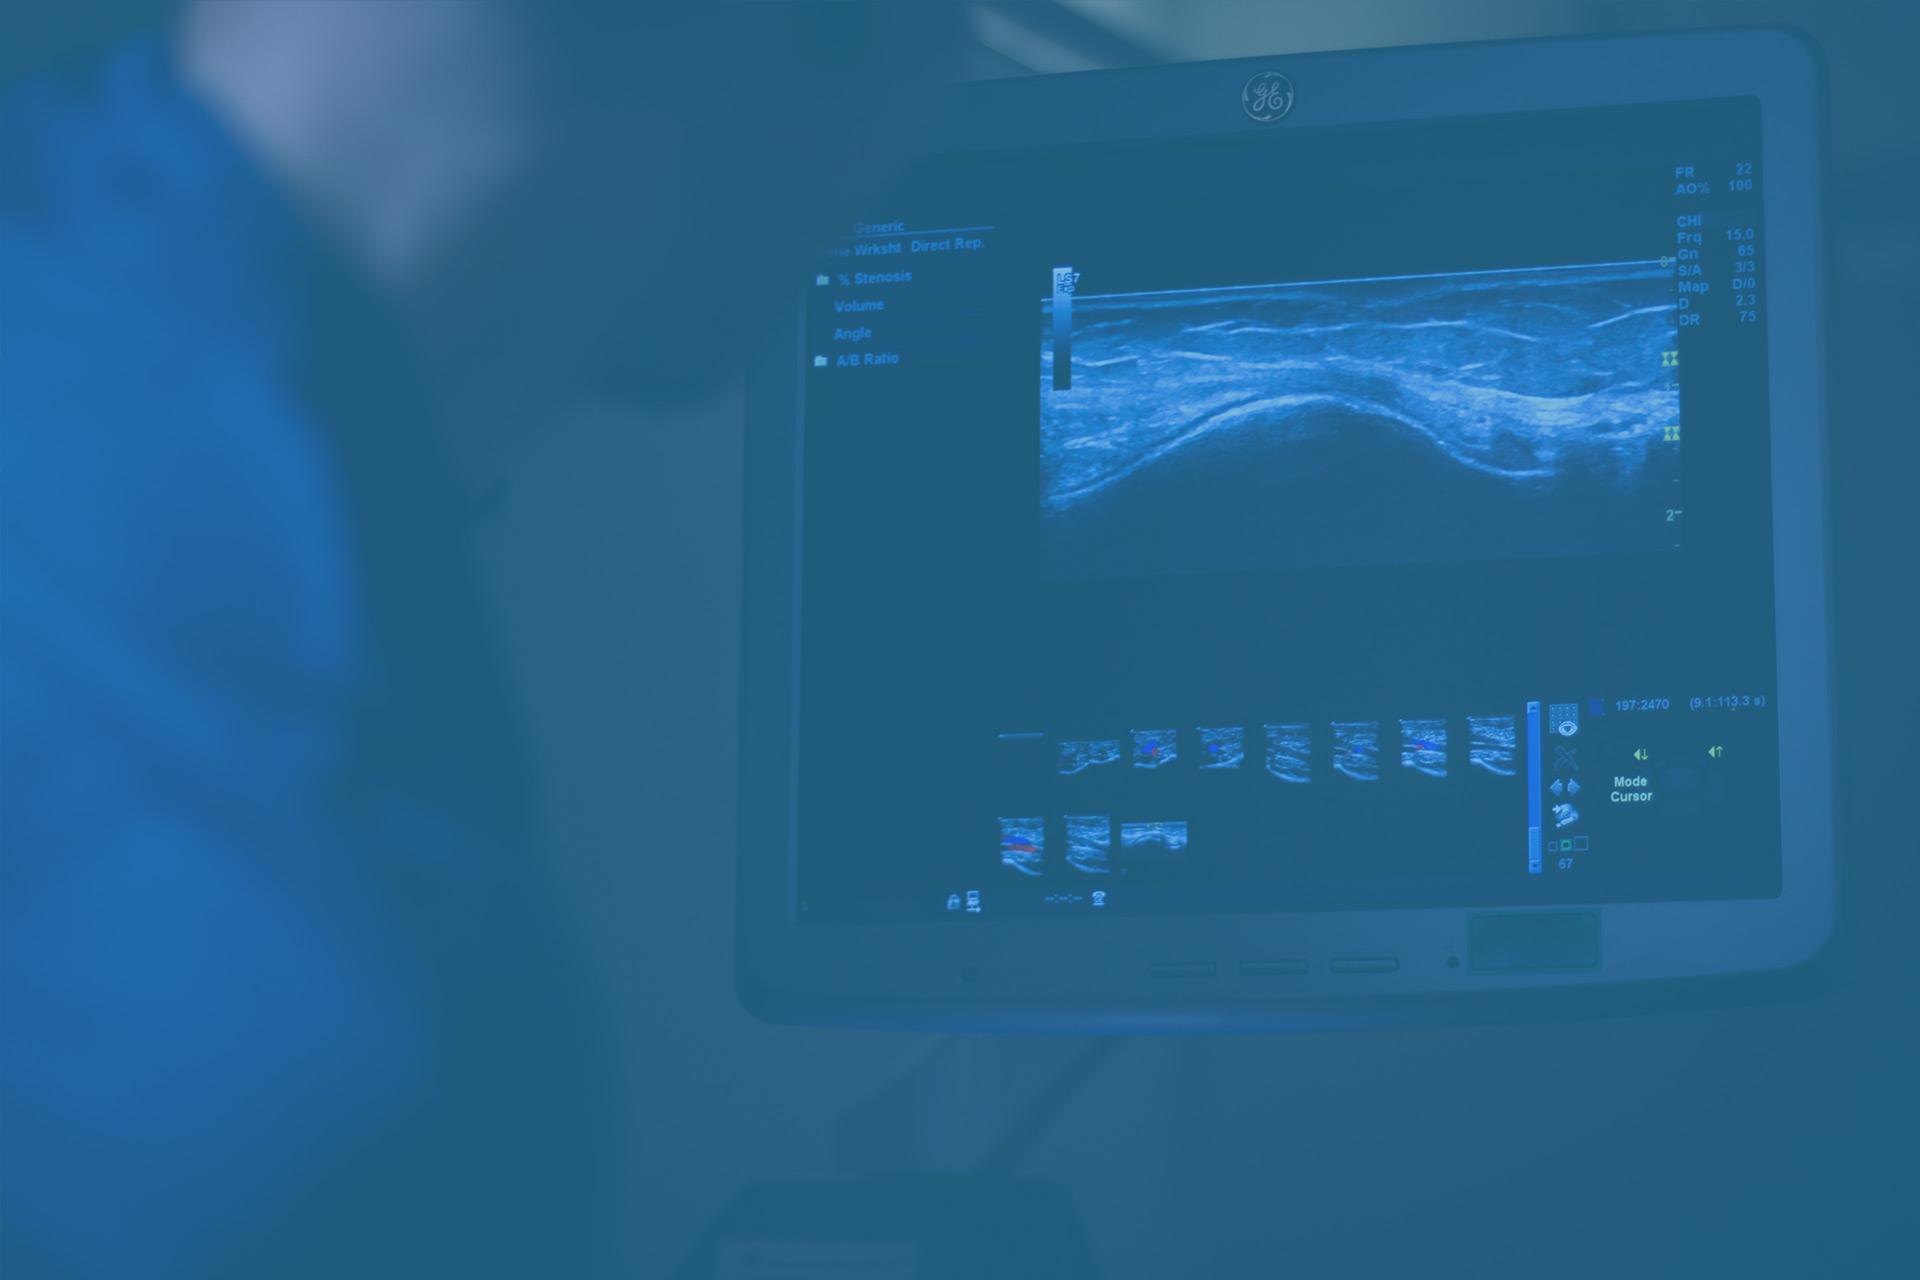 Usein kysytyt kysymykset ultraäänestä